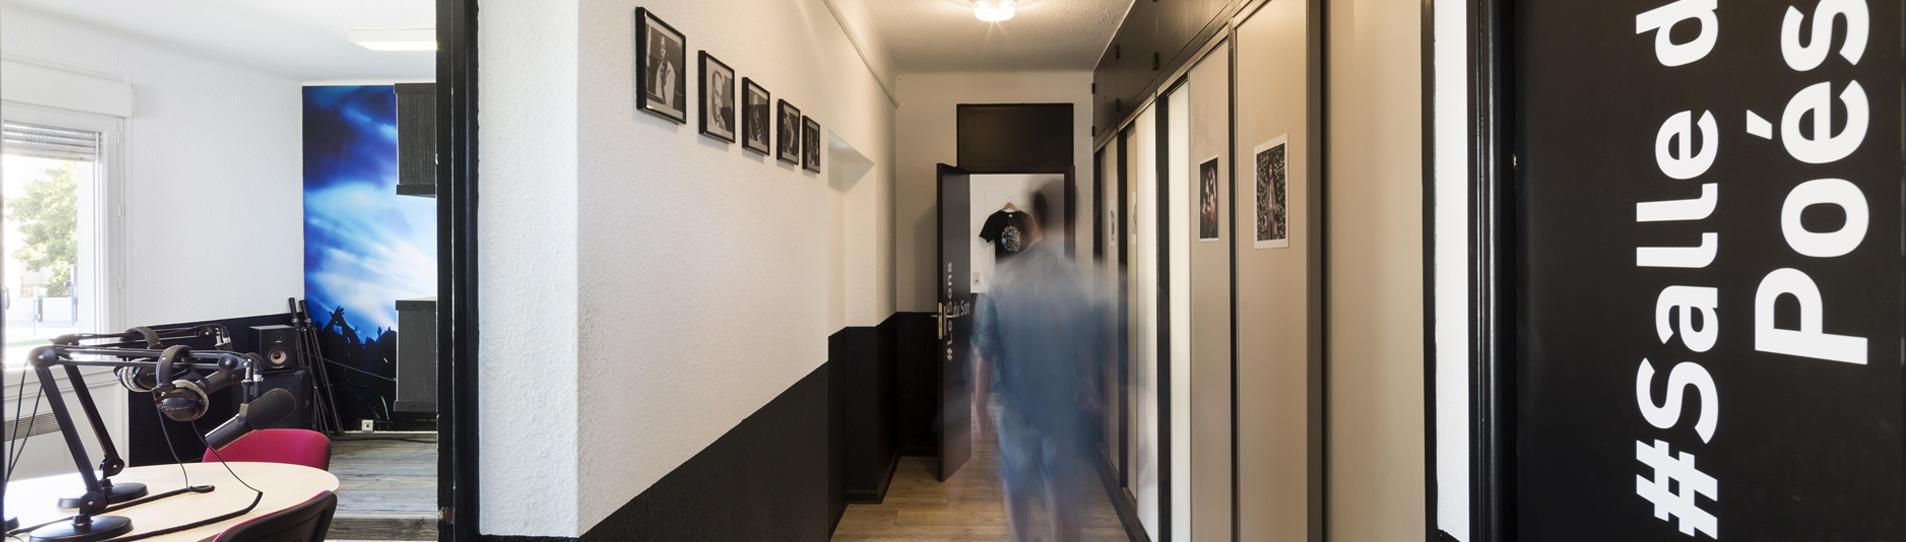 locaux radio clapas - couloir